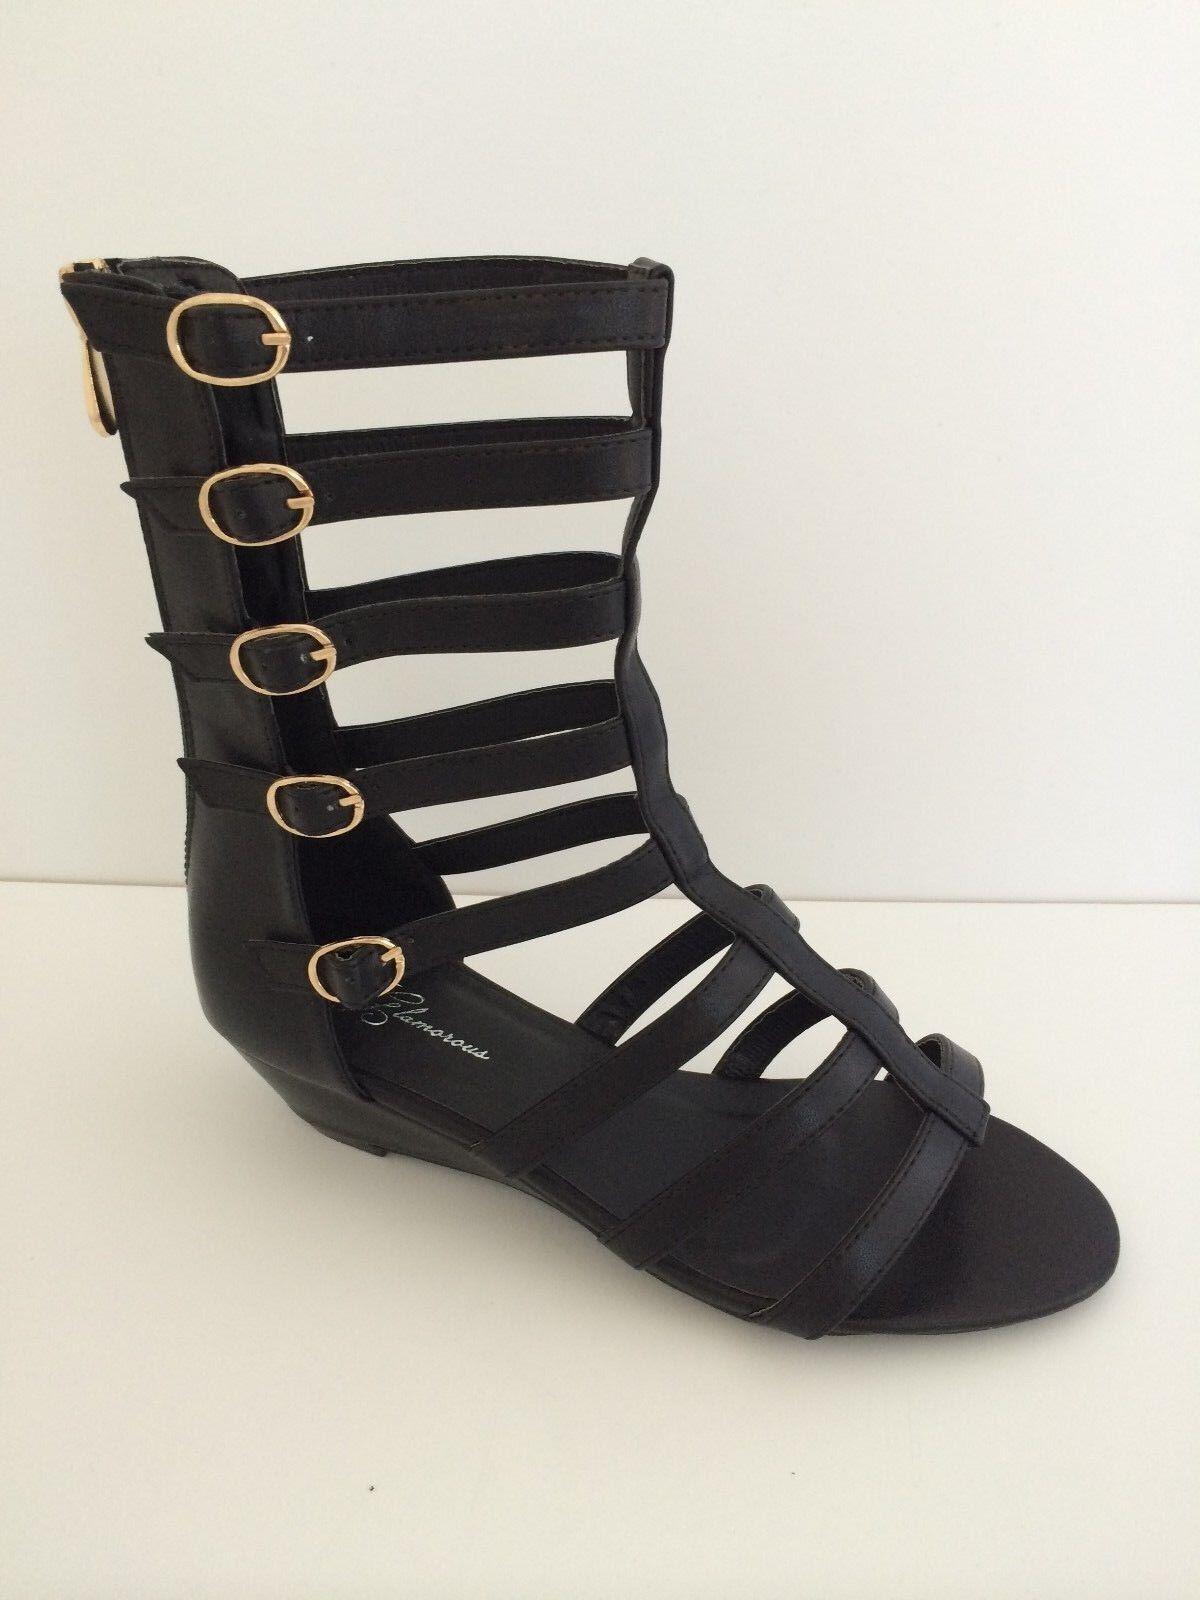 Final High Fashion Women Roman Gladiator Sandal Ankle High Final Leather Shoes w/ Zipper e0277e